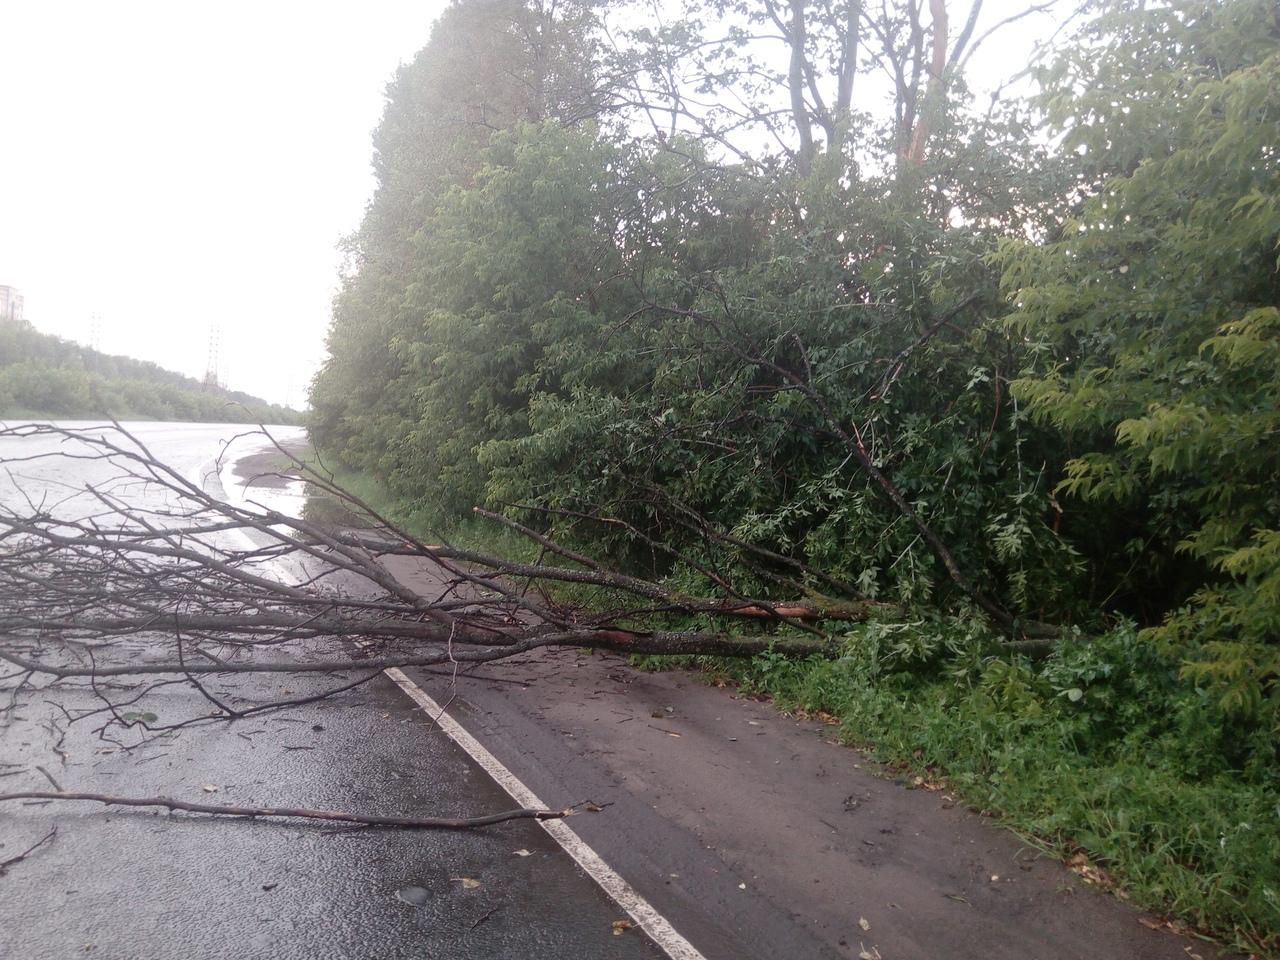 ФОТО: Сильный ветер опрокинул деревья в разных местах Ярославля